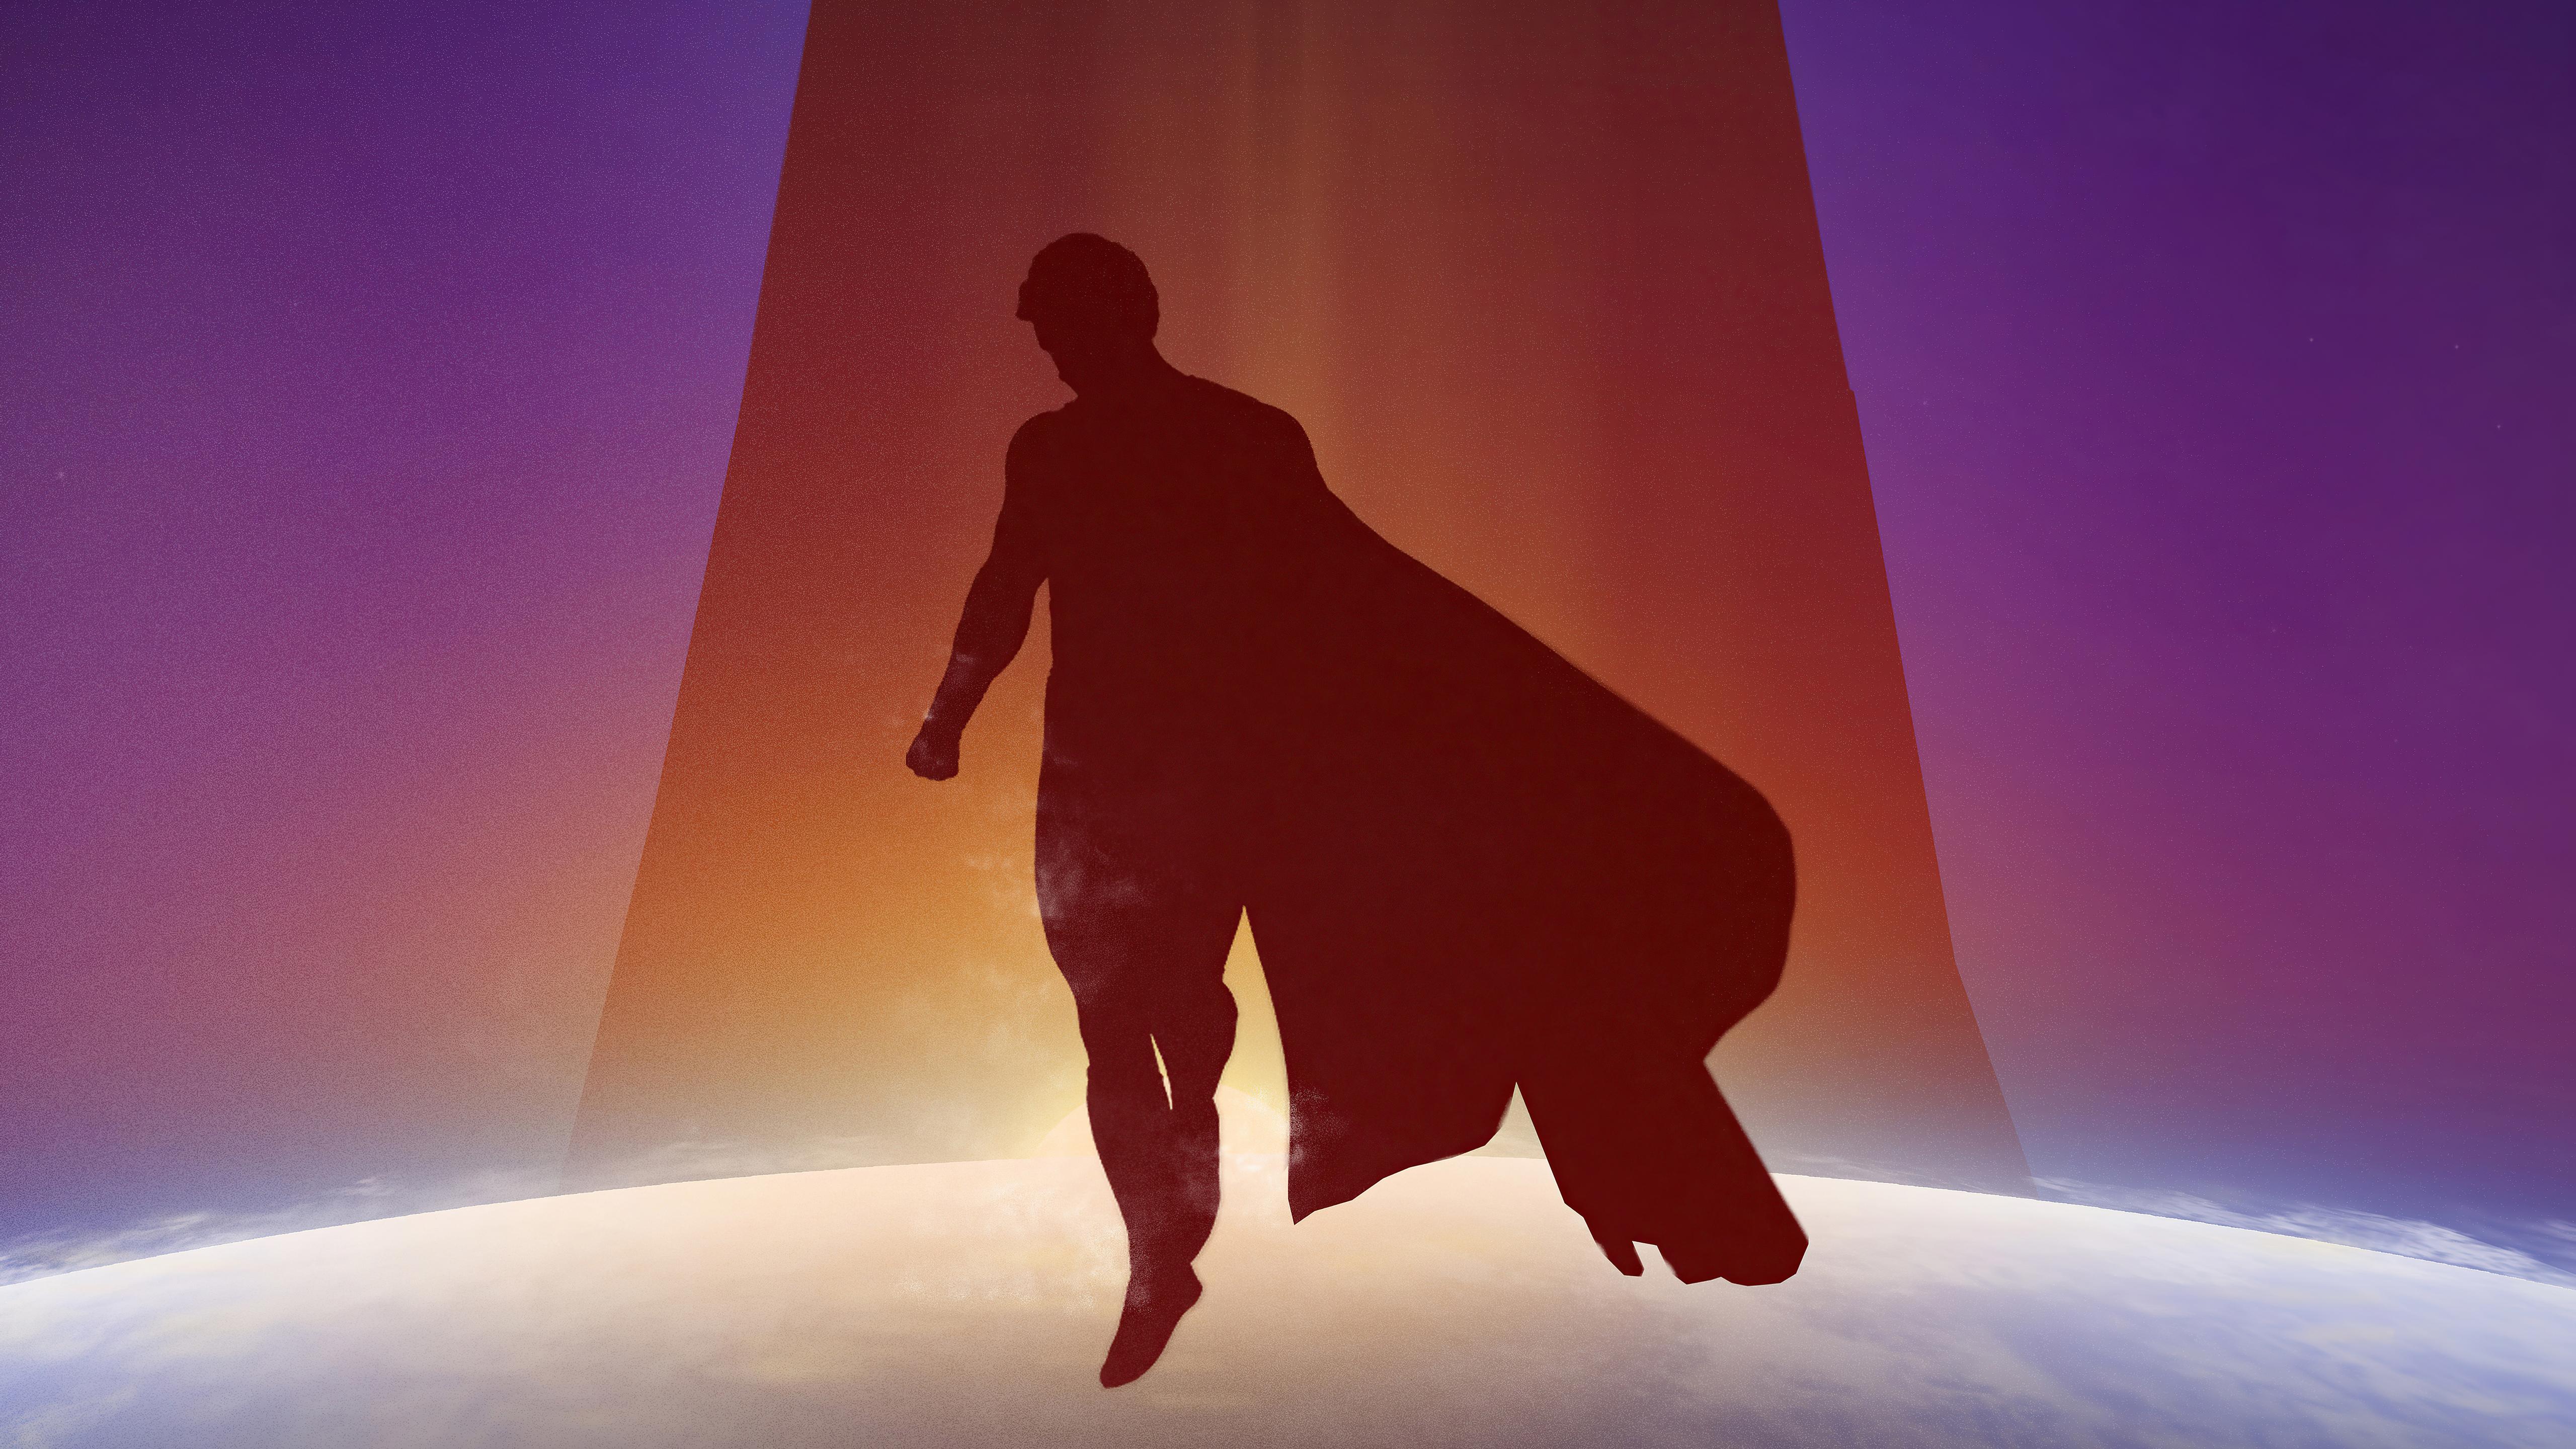 Fondos de pantalla Sombra de Superman diseño minimalista